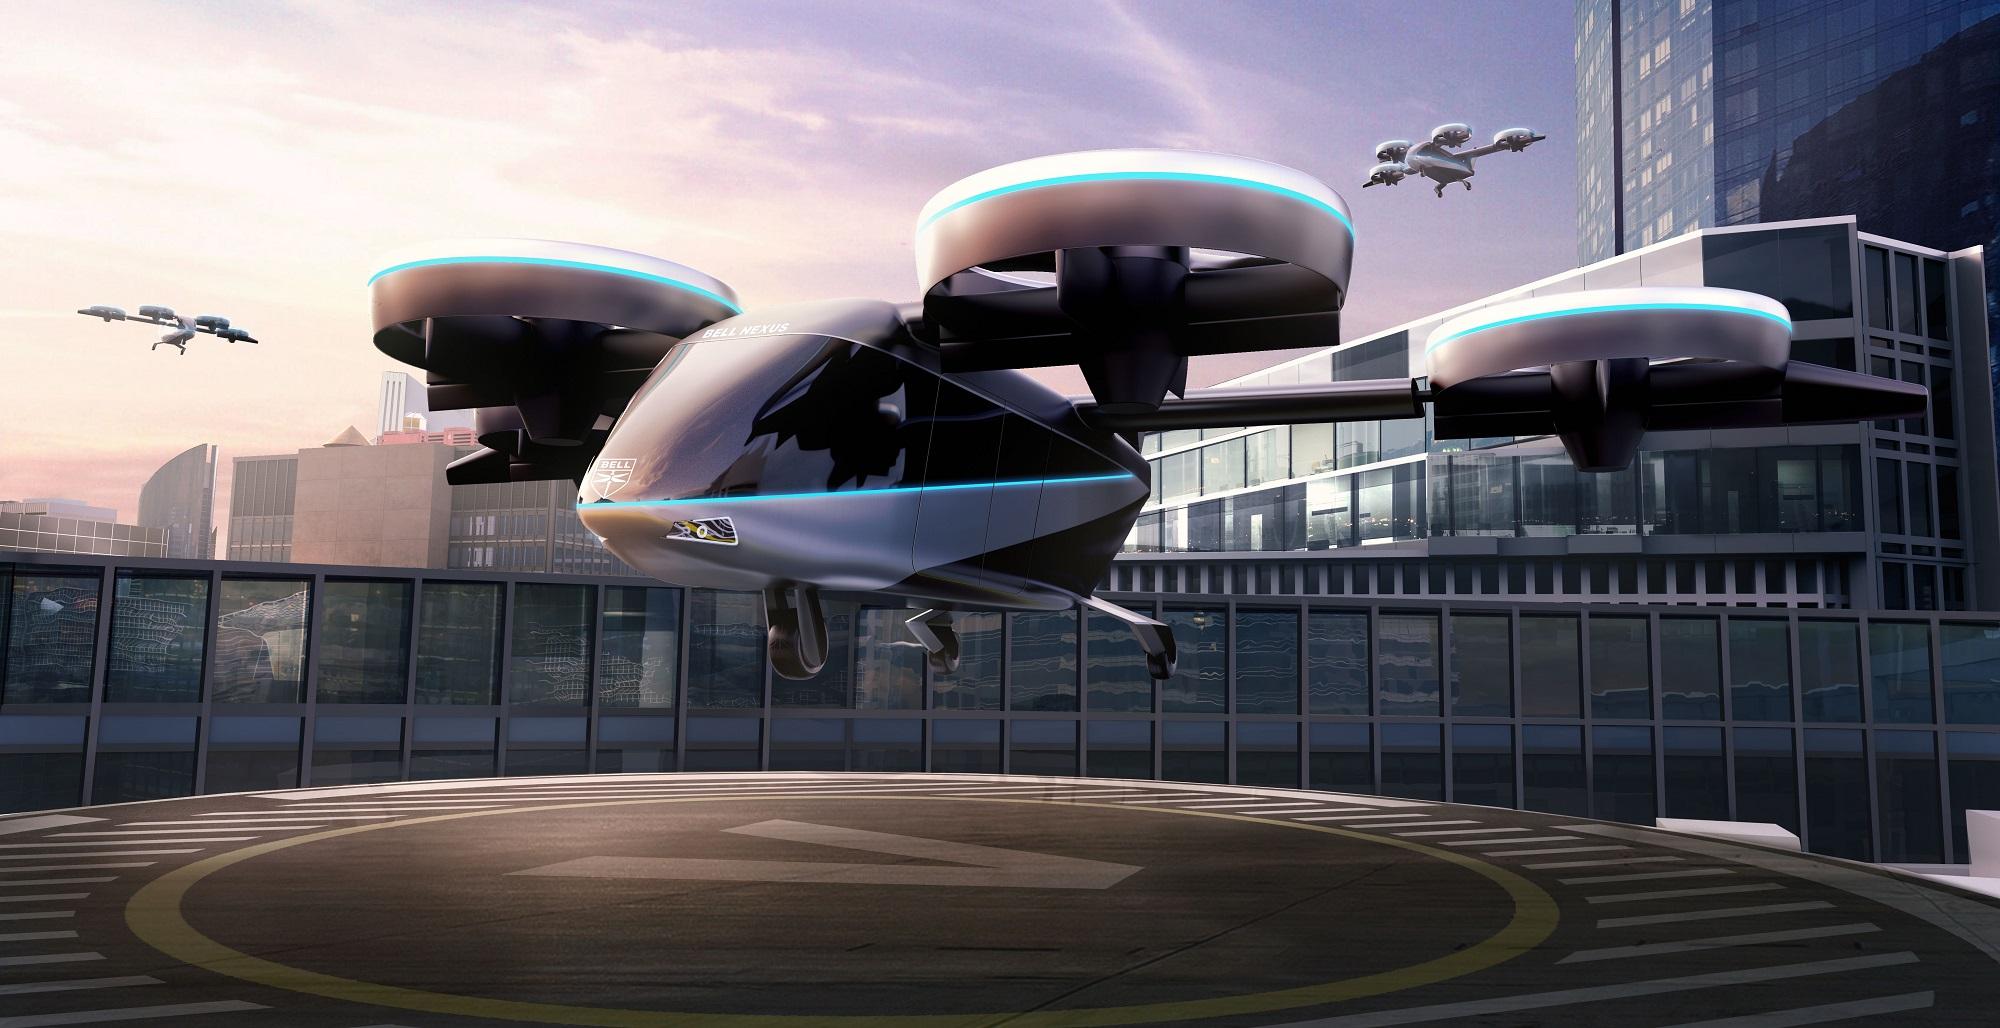 Projeção mostra táxi Voador Nexus 4ex em uma plataforma de pouso futurista